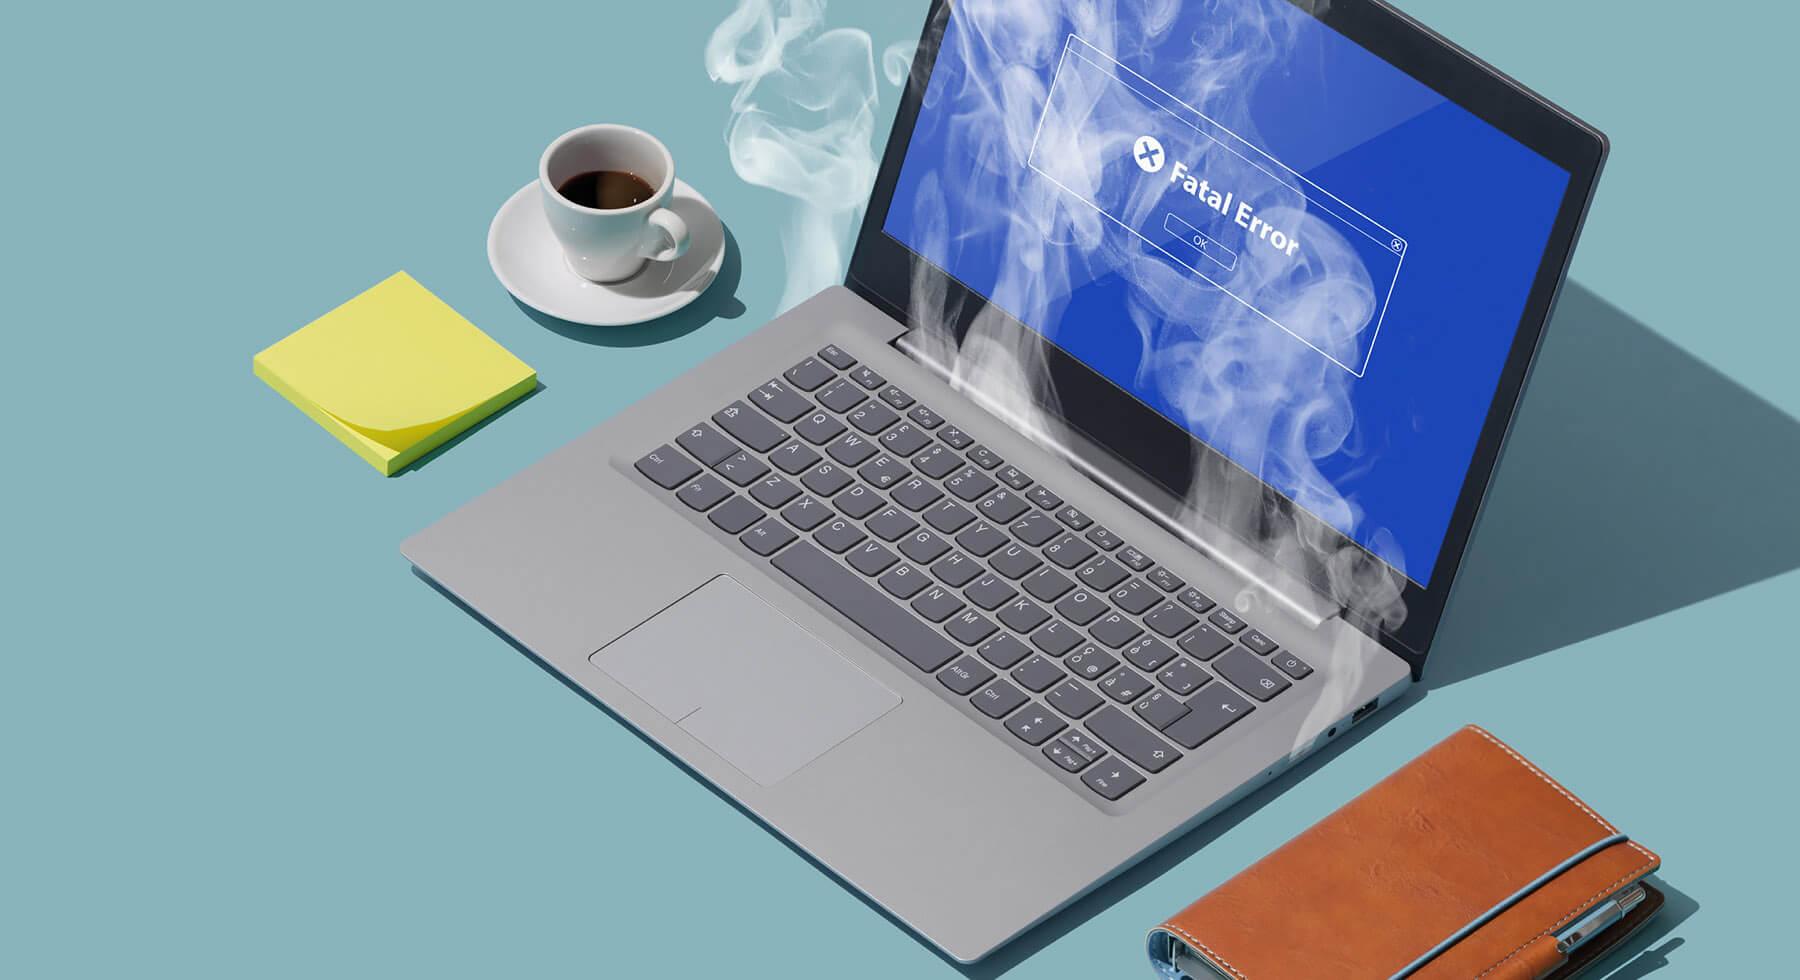 کاهش صدای فن لپ تاپ، زیاد بودن صدای فن لپ تاپ، کار نکردن فن لپ تاپ، صدای فن کامپیوتر، چرا فن لپ تاپ یکسره کار میکند، تعویض فن لپ تاپ، تنظیمات فن لپ تاپ در ویندوز 10، تمیز کردن فن لپ تاپ، نحوه کار کردن فن لپ تاپ